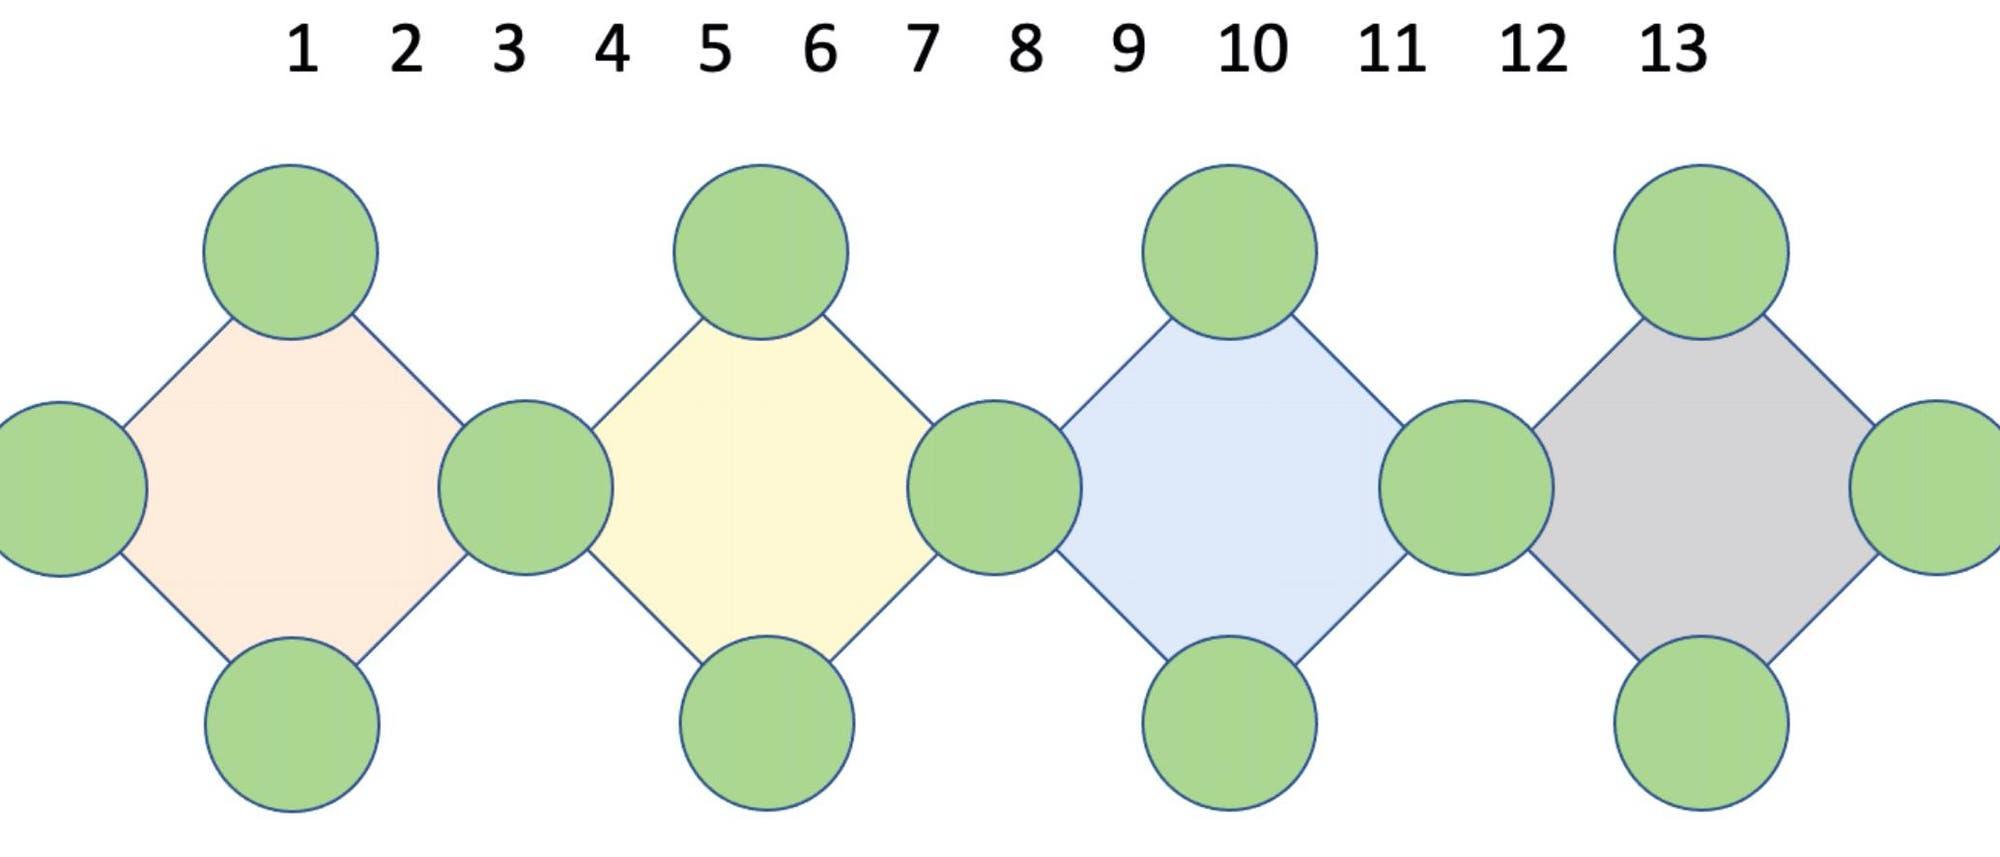 Wie muss man die Zahlen von 1 bis 13 auf die Kreise verteilen?